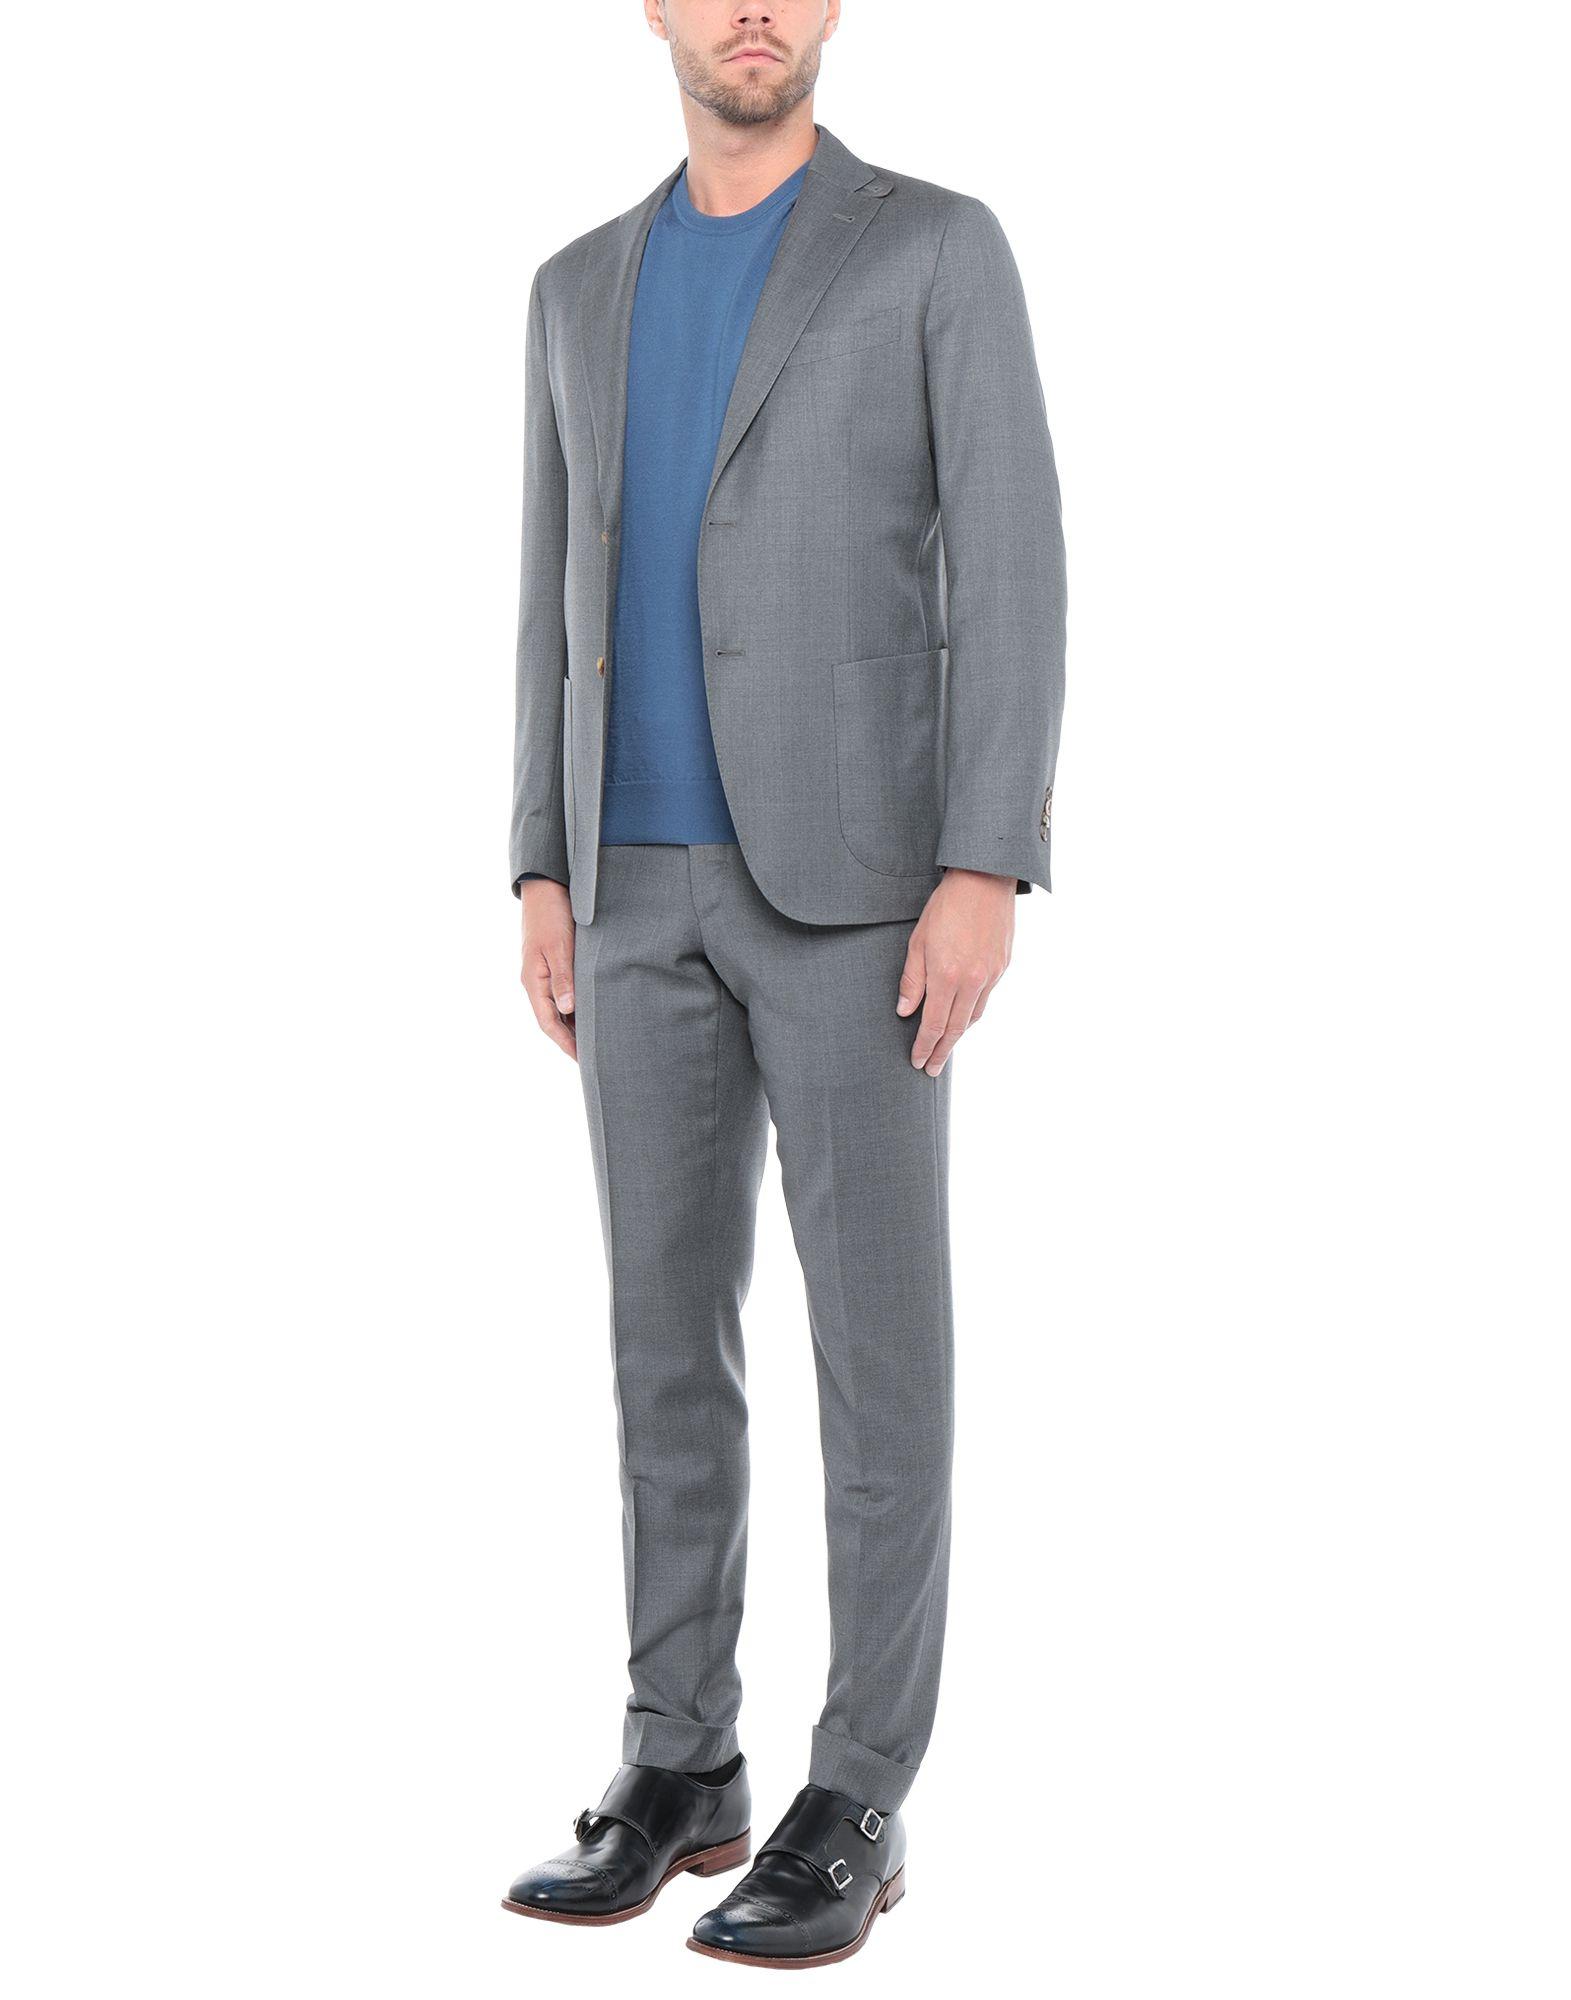 《送料無料》BAGNOLI Sartoria Napoli メンズ スーツ グレー 46 ウール 100%